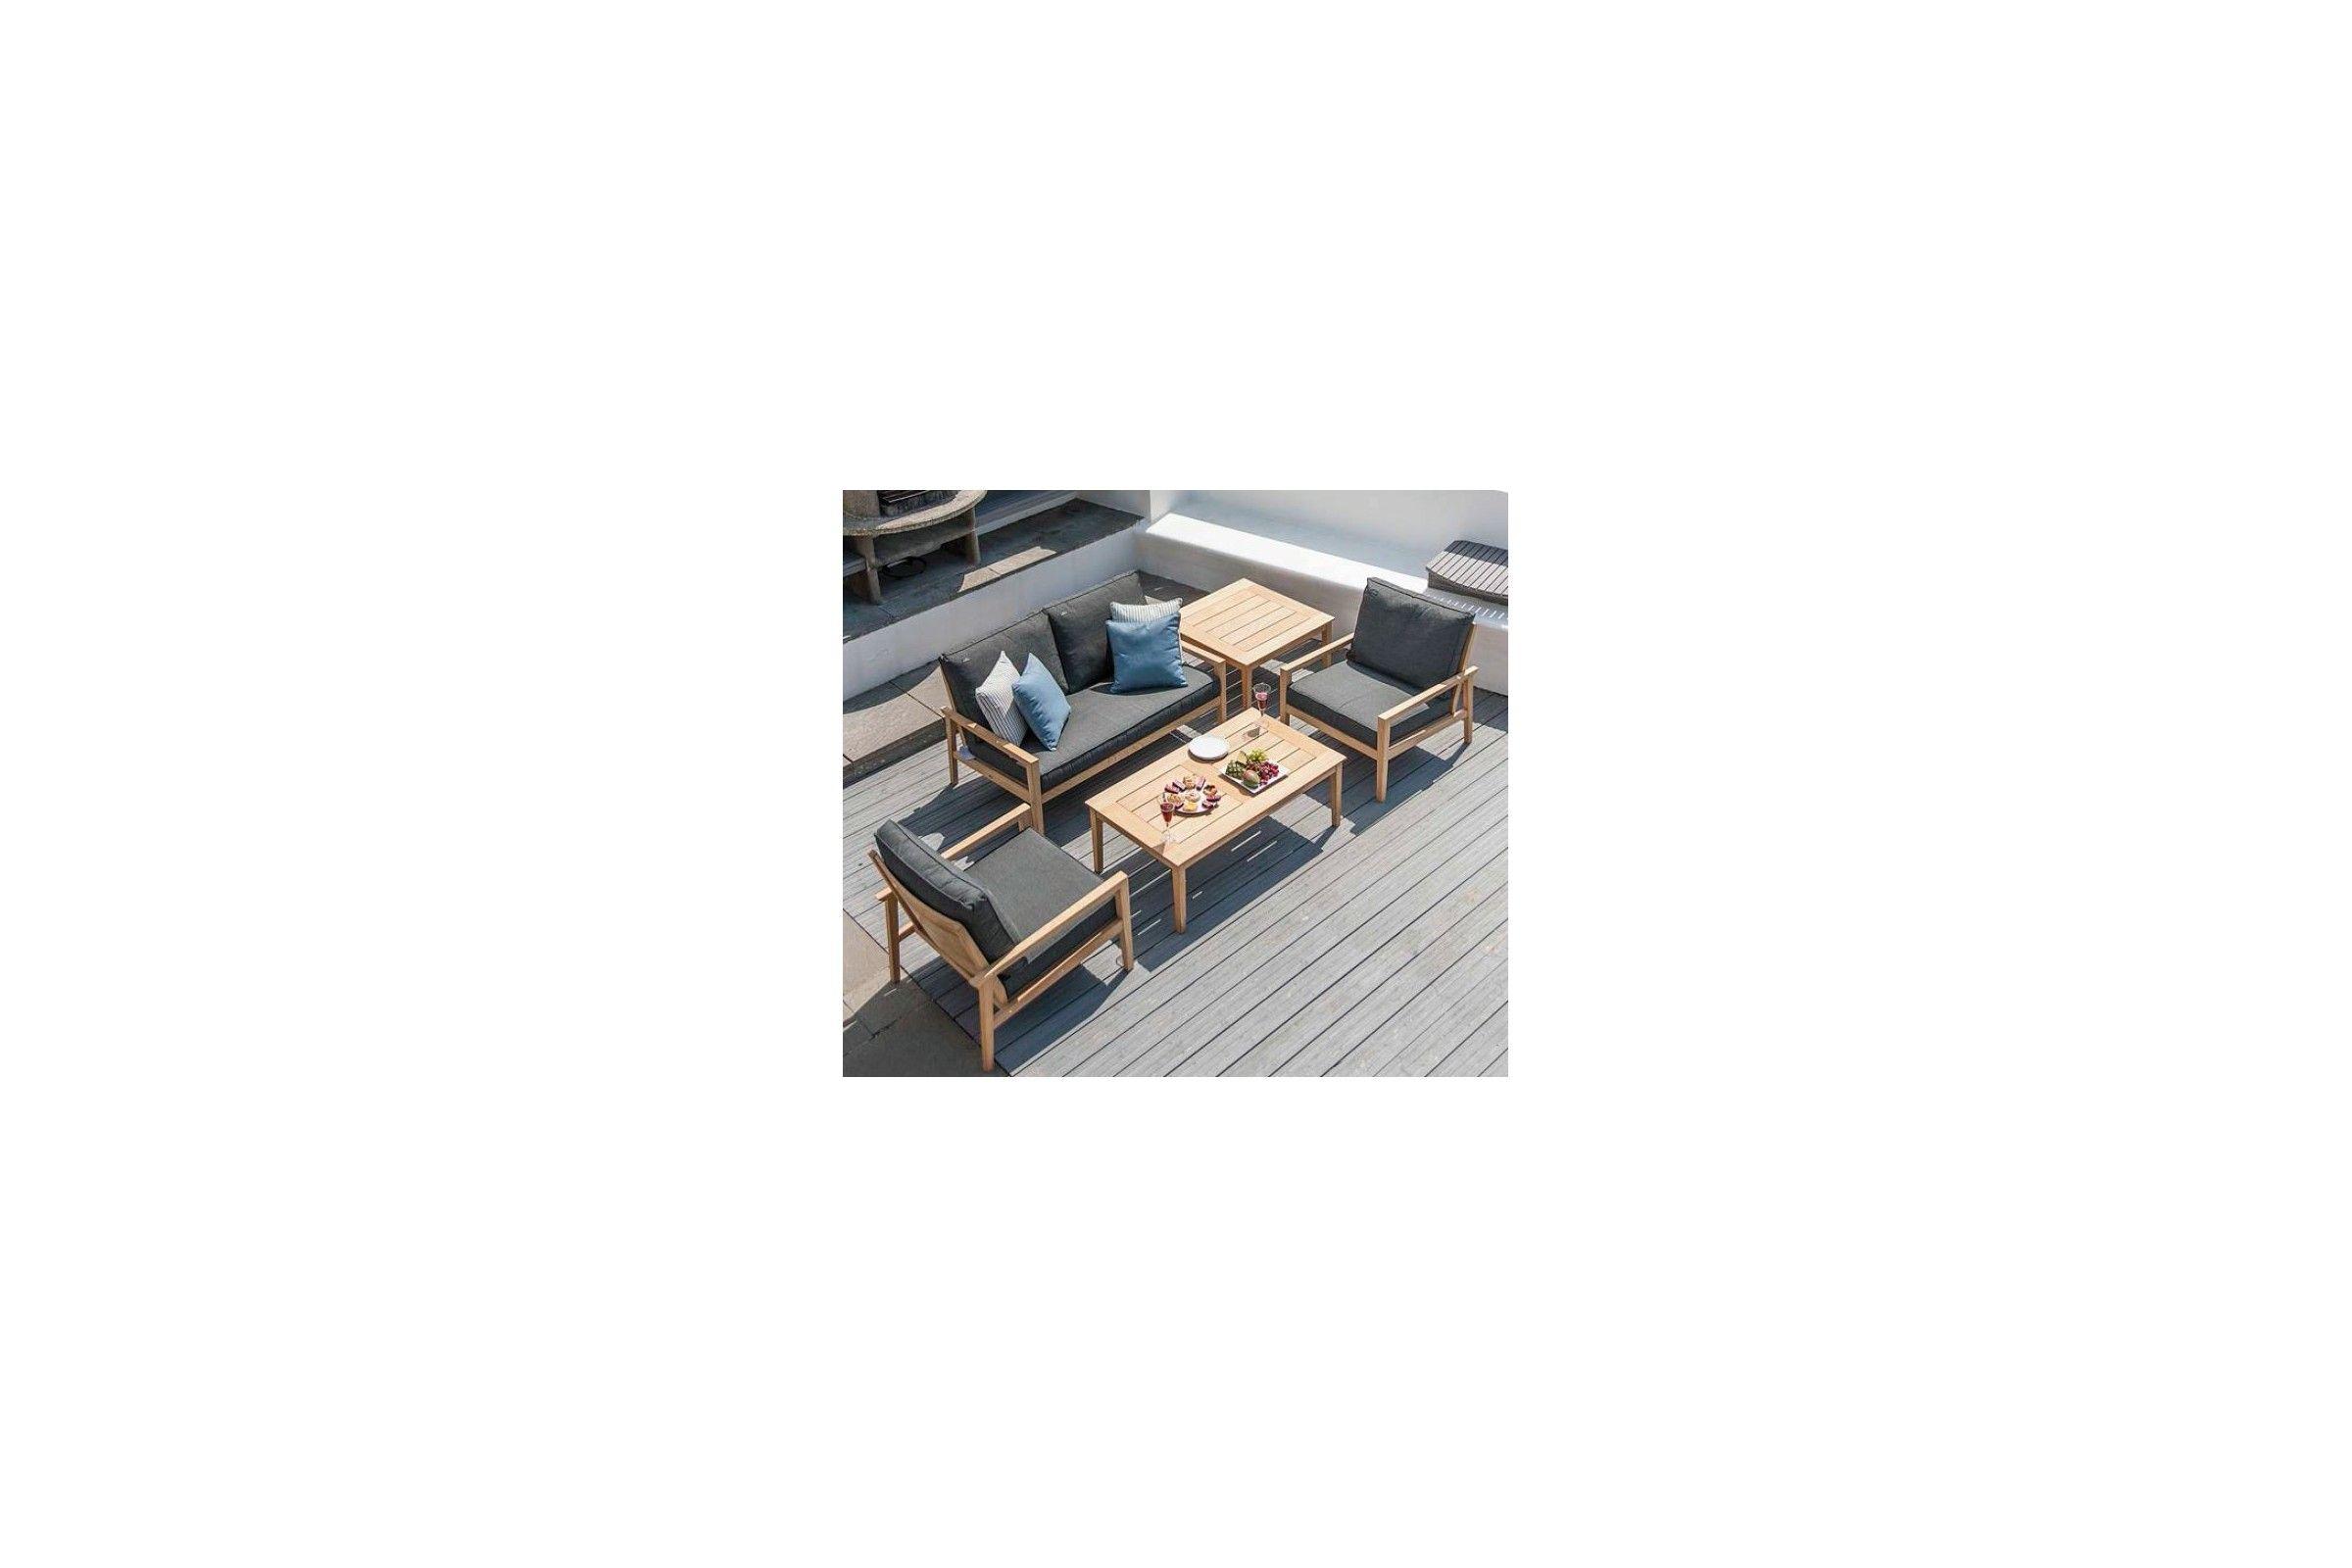 Canapé salon de jardin en bois avec coussin gris foncé,haut de gamme